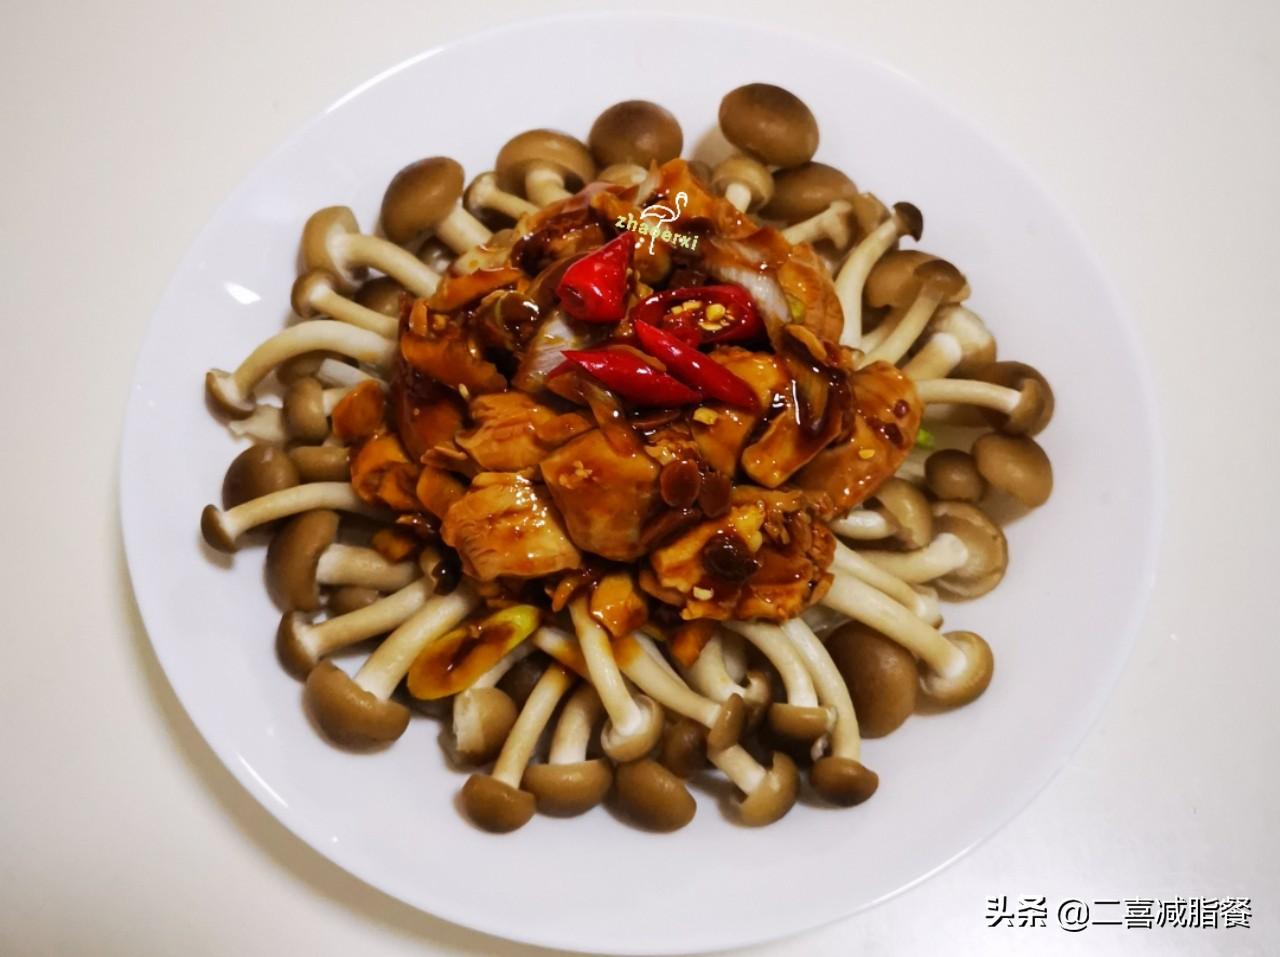 减脂的蟹味菇蒸鸡,多糖和高蛋白的完美结合 减肥菜谱做法 第4张